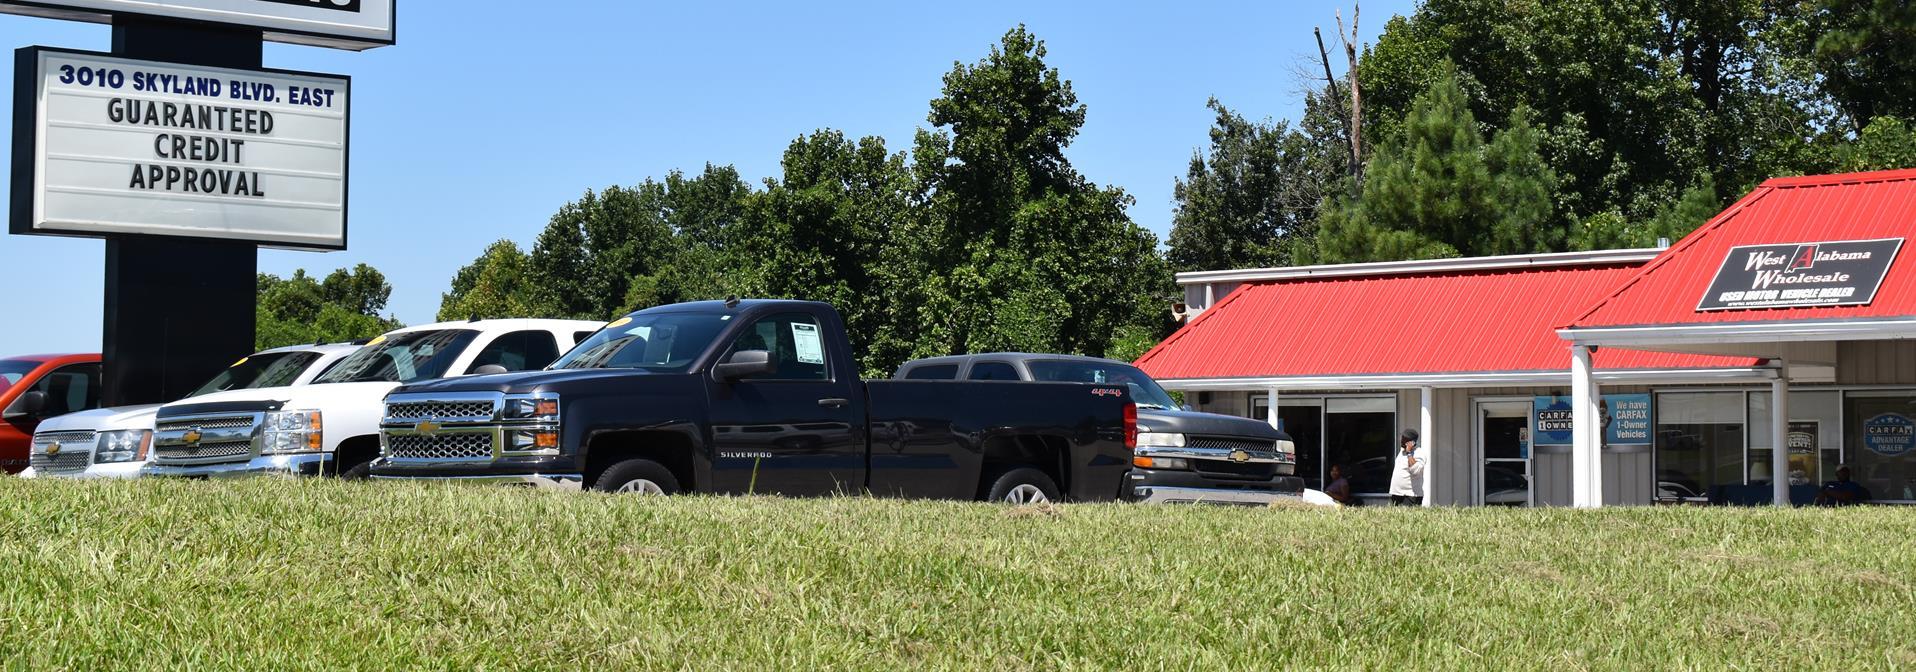 West Alabama Wholesale Tuscaloosa AL | New & Used Cars Trucks Sales ...